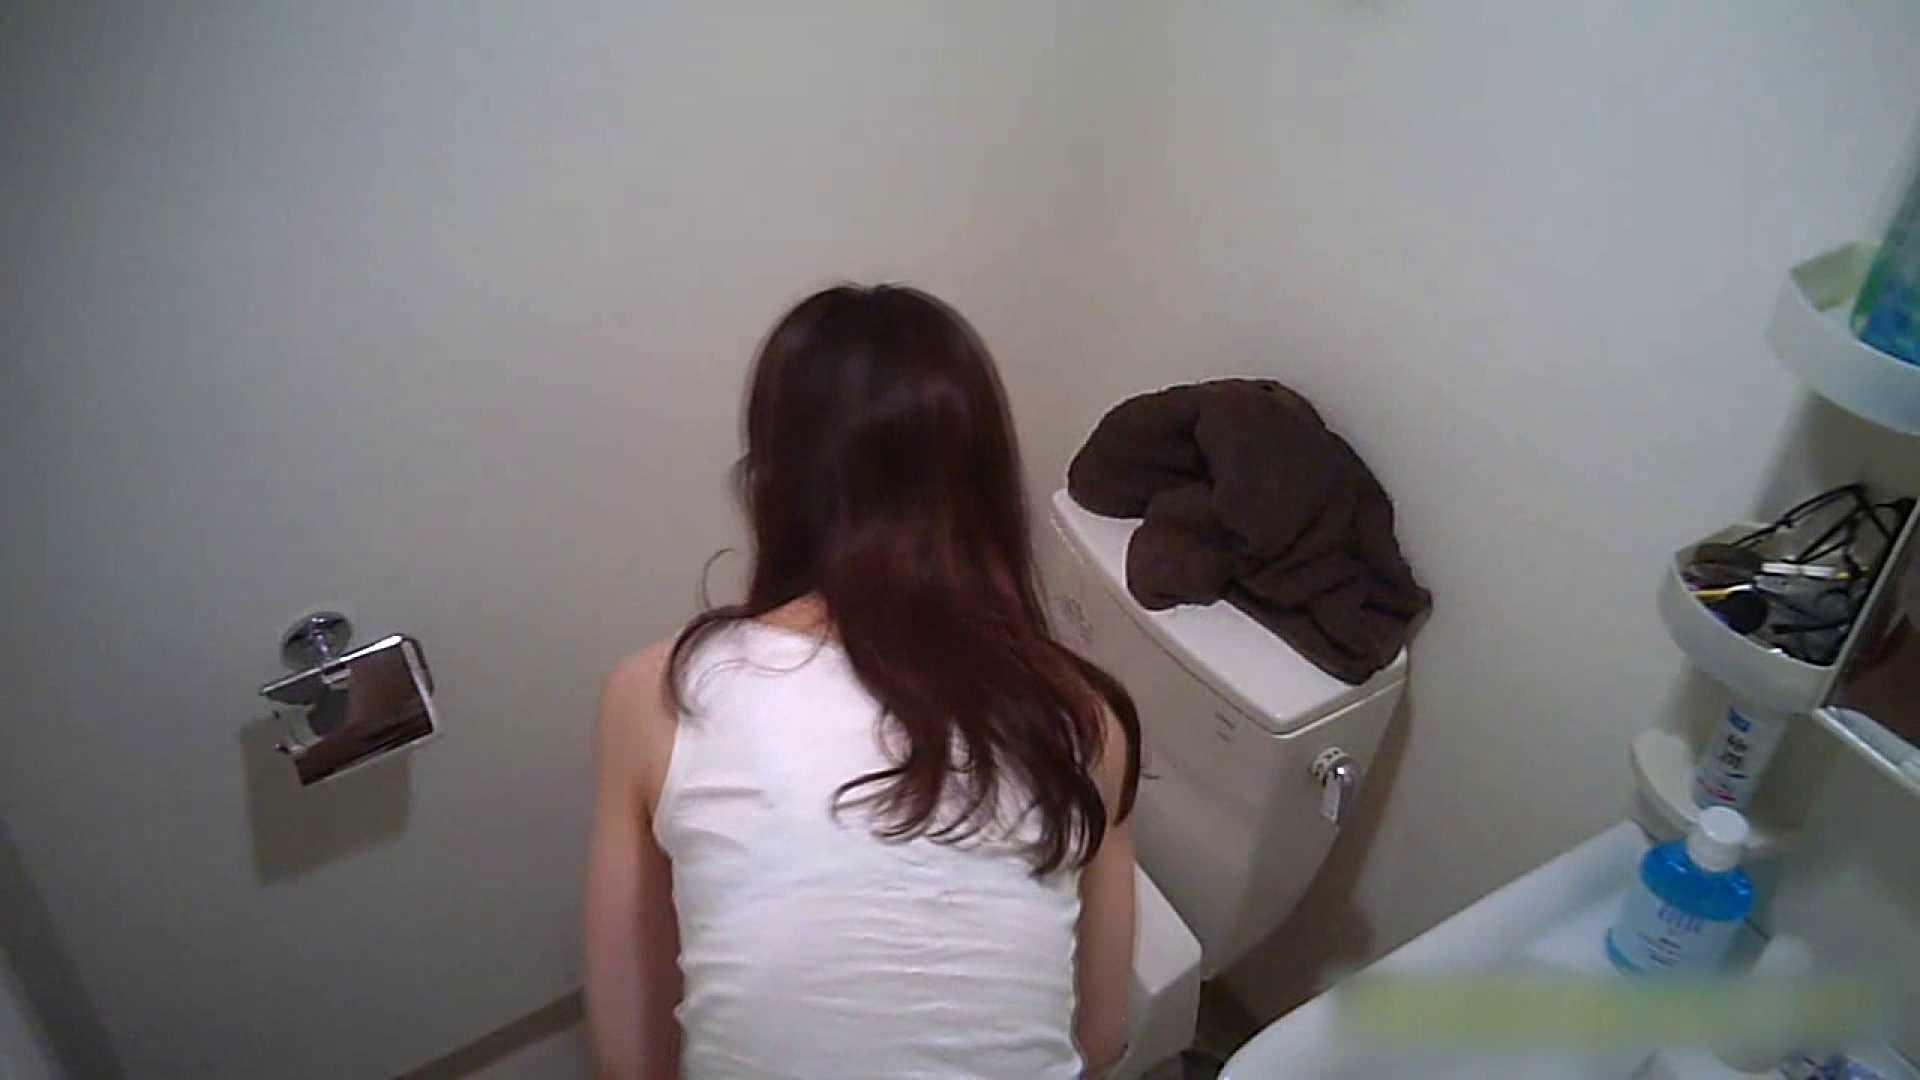 元気いっぱいノリノリ系なB子23歳(仮名)Vol.01 トイレ着替え編 着替え  66連発 24